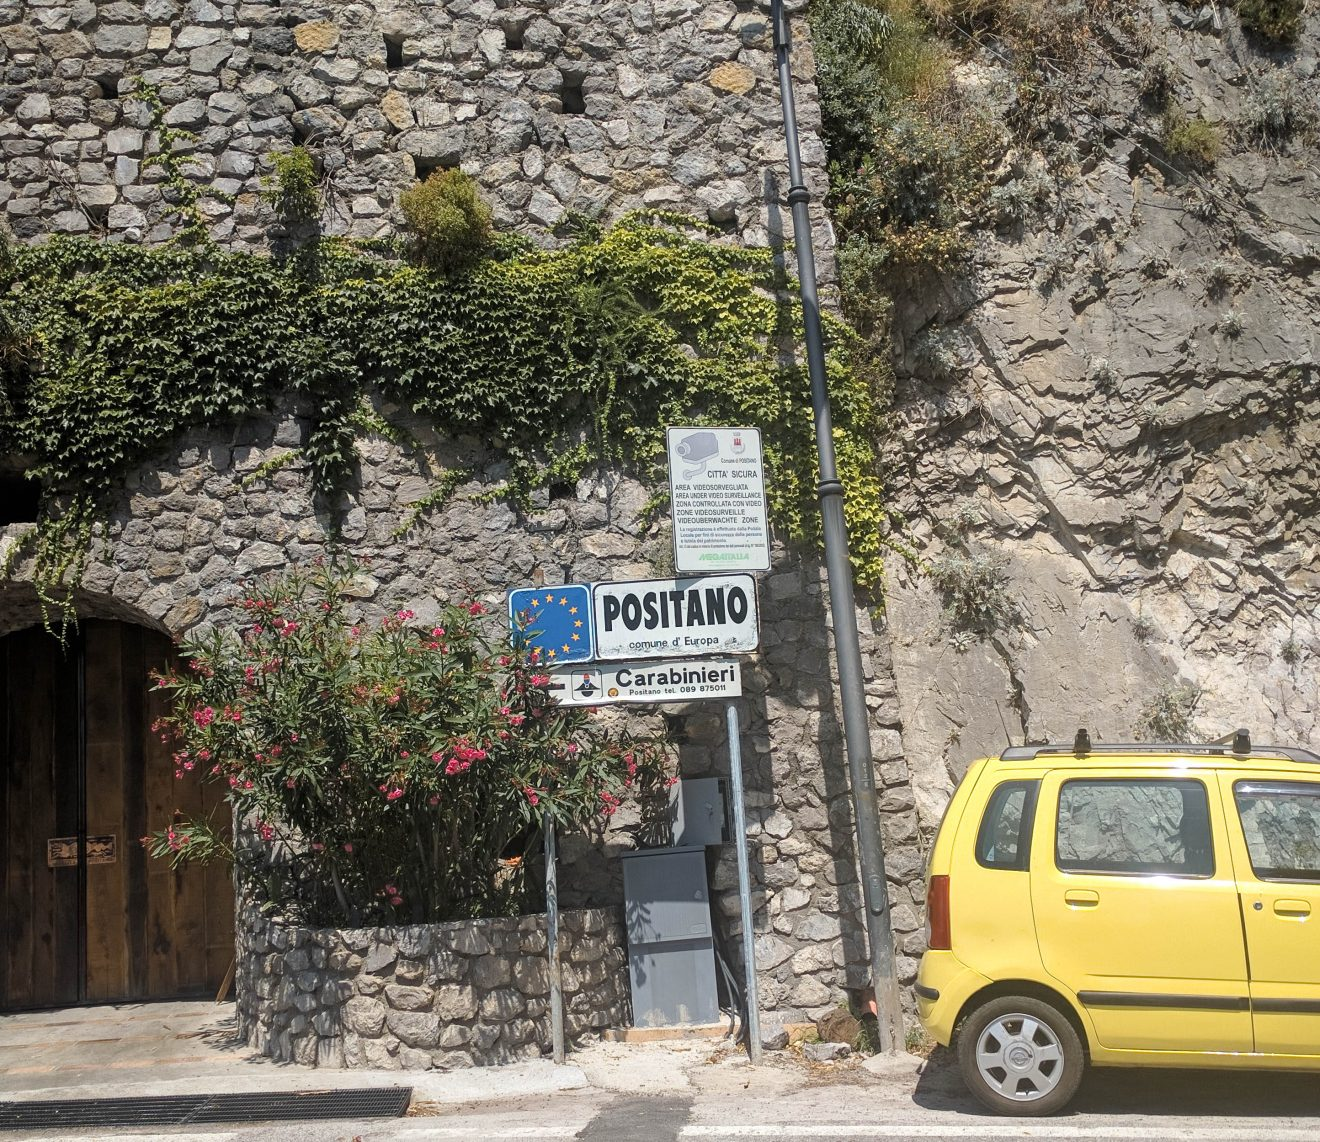 Panneau de signalisation de la ville de Positano